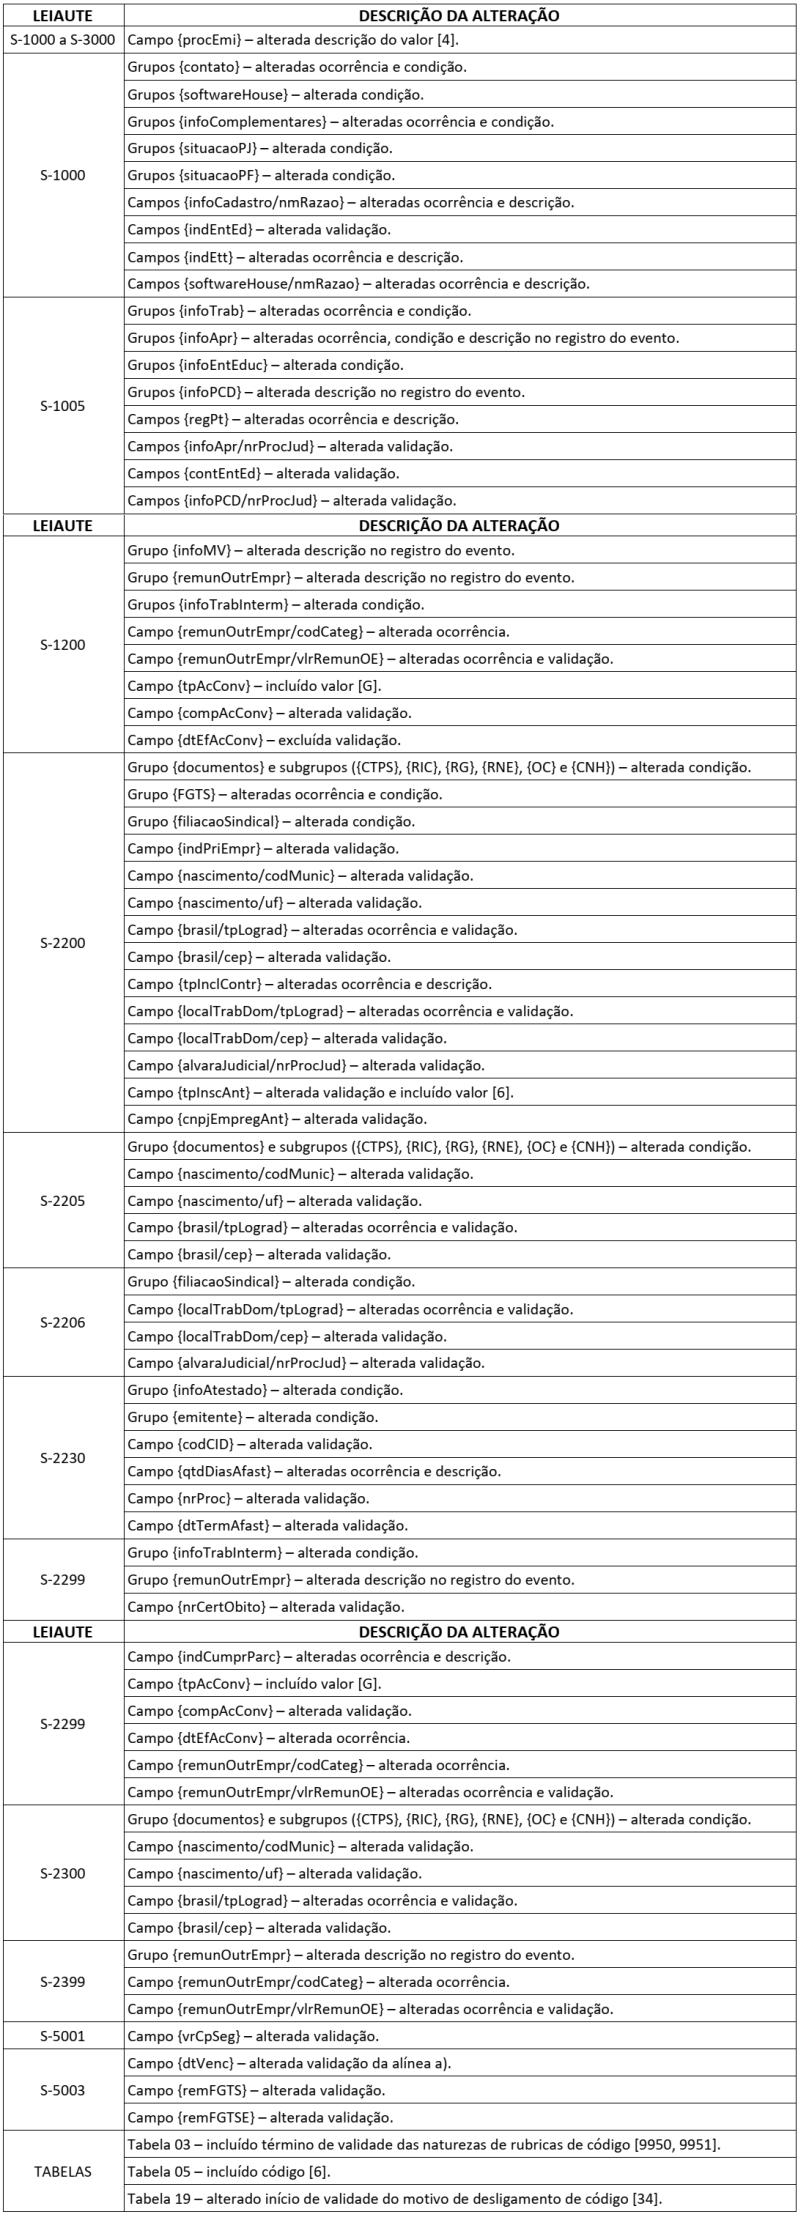 esocial-nota-tecnica-15-2019